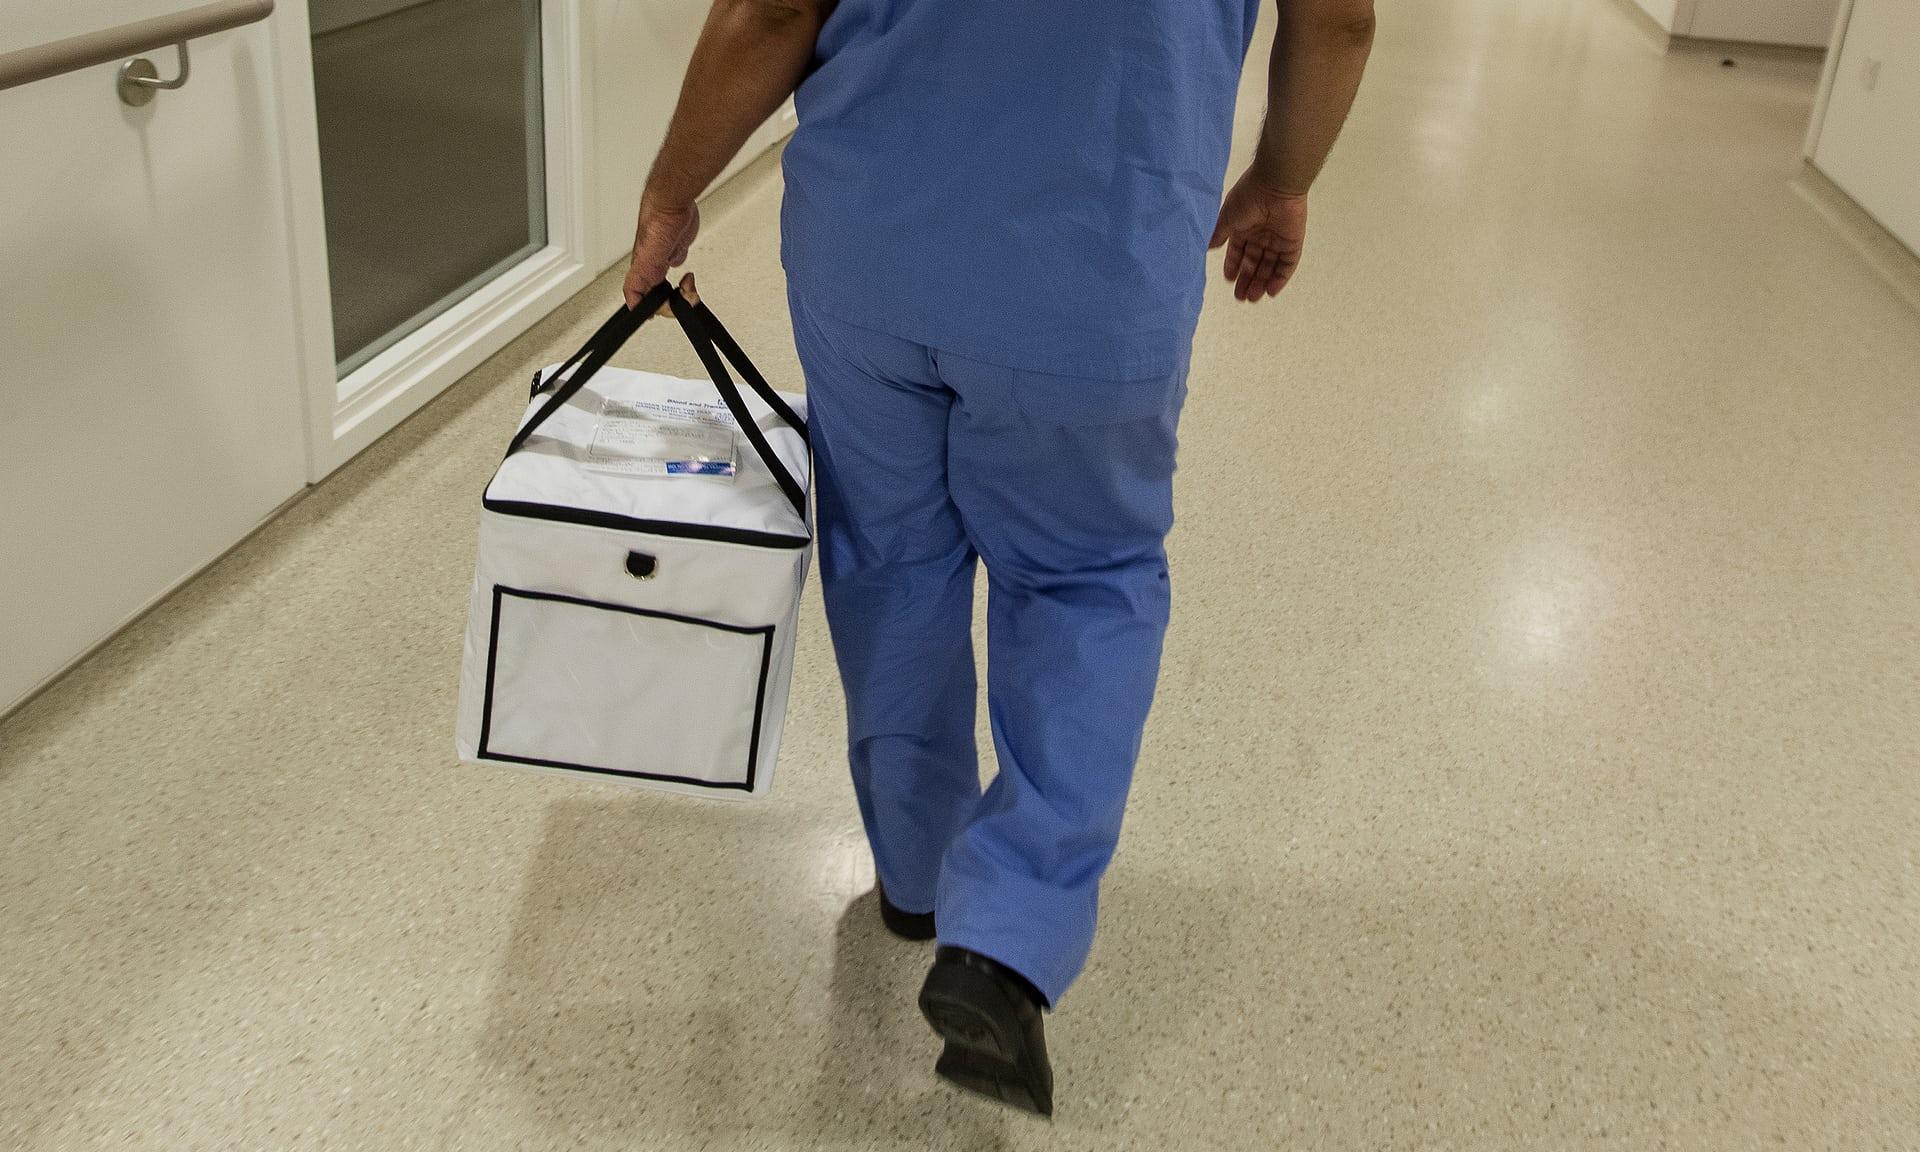 Потребность вдонорских органах нового поколения огромна. Ежегодно тысячи людей умирают от их нехватки или от осложнений, связанных сотторжением трансплантатов.